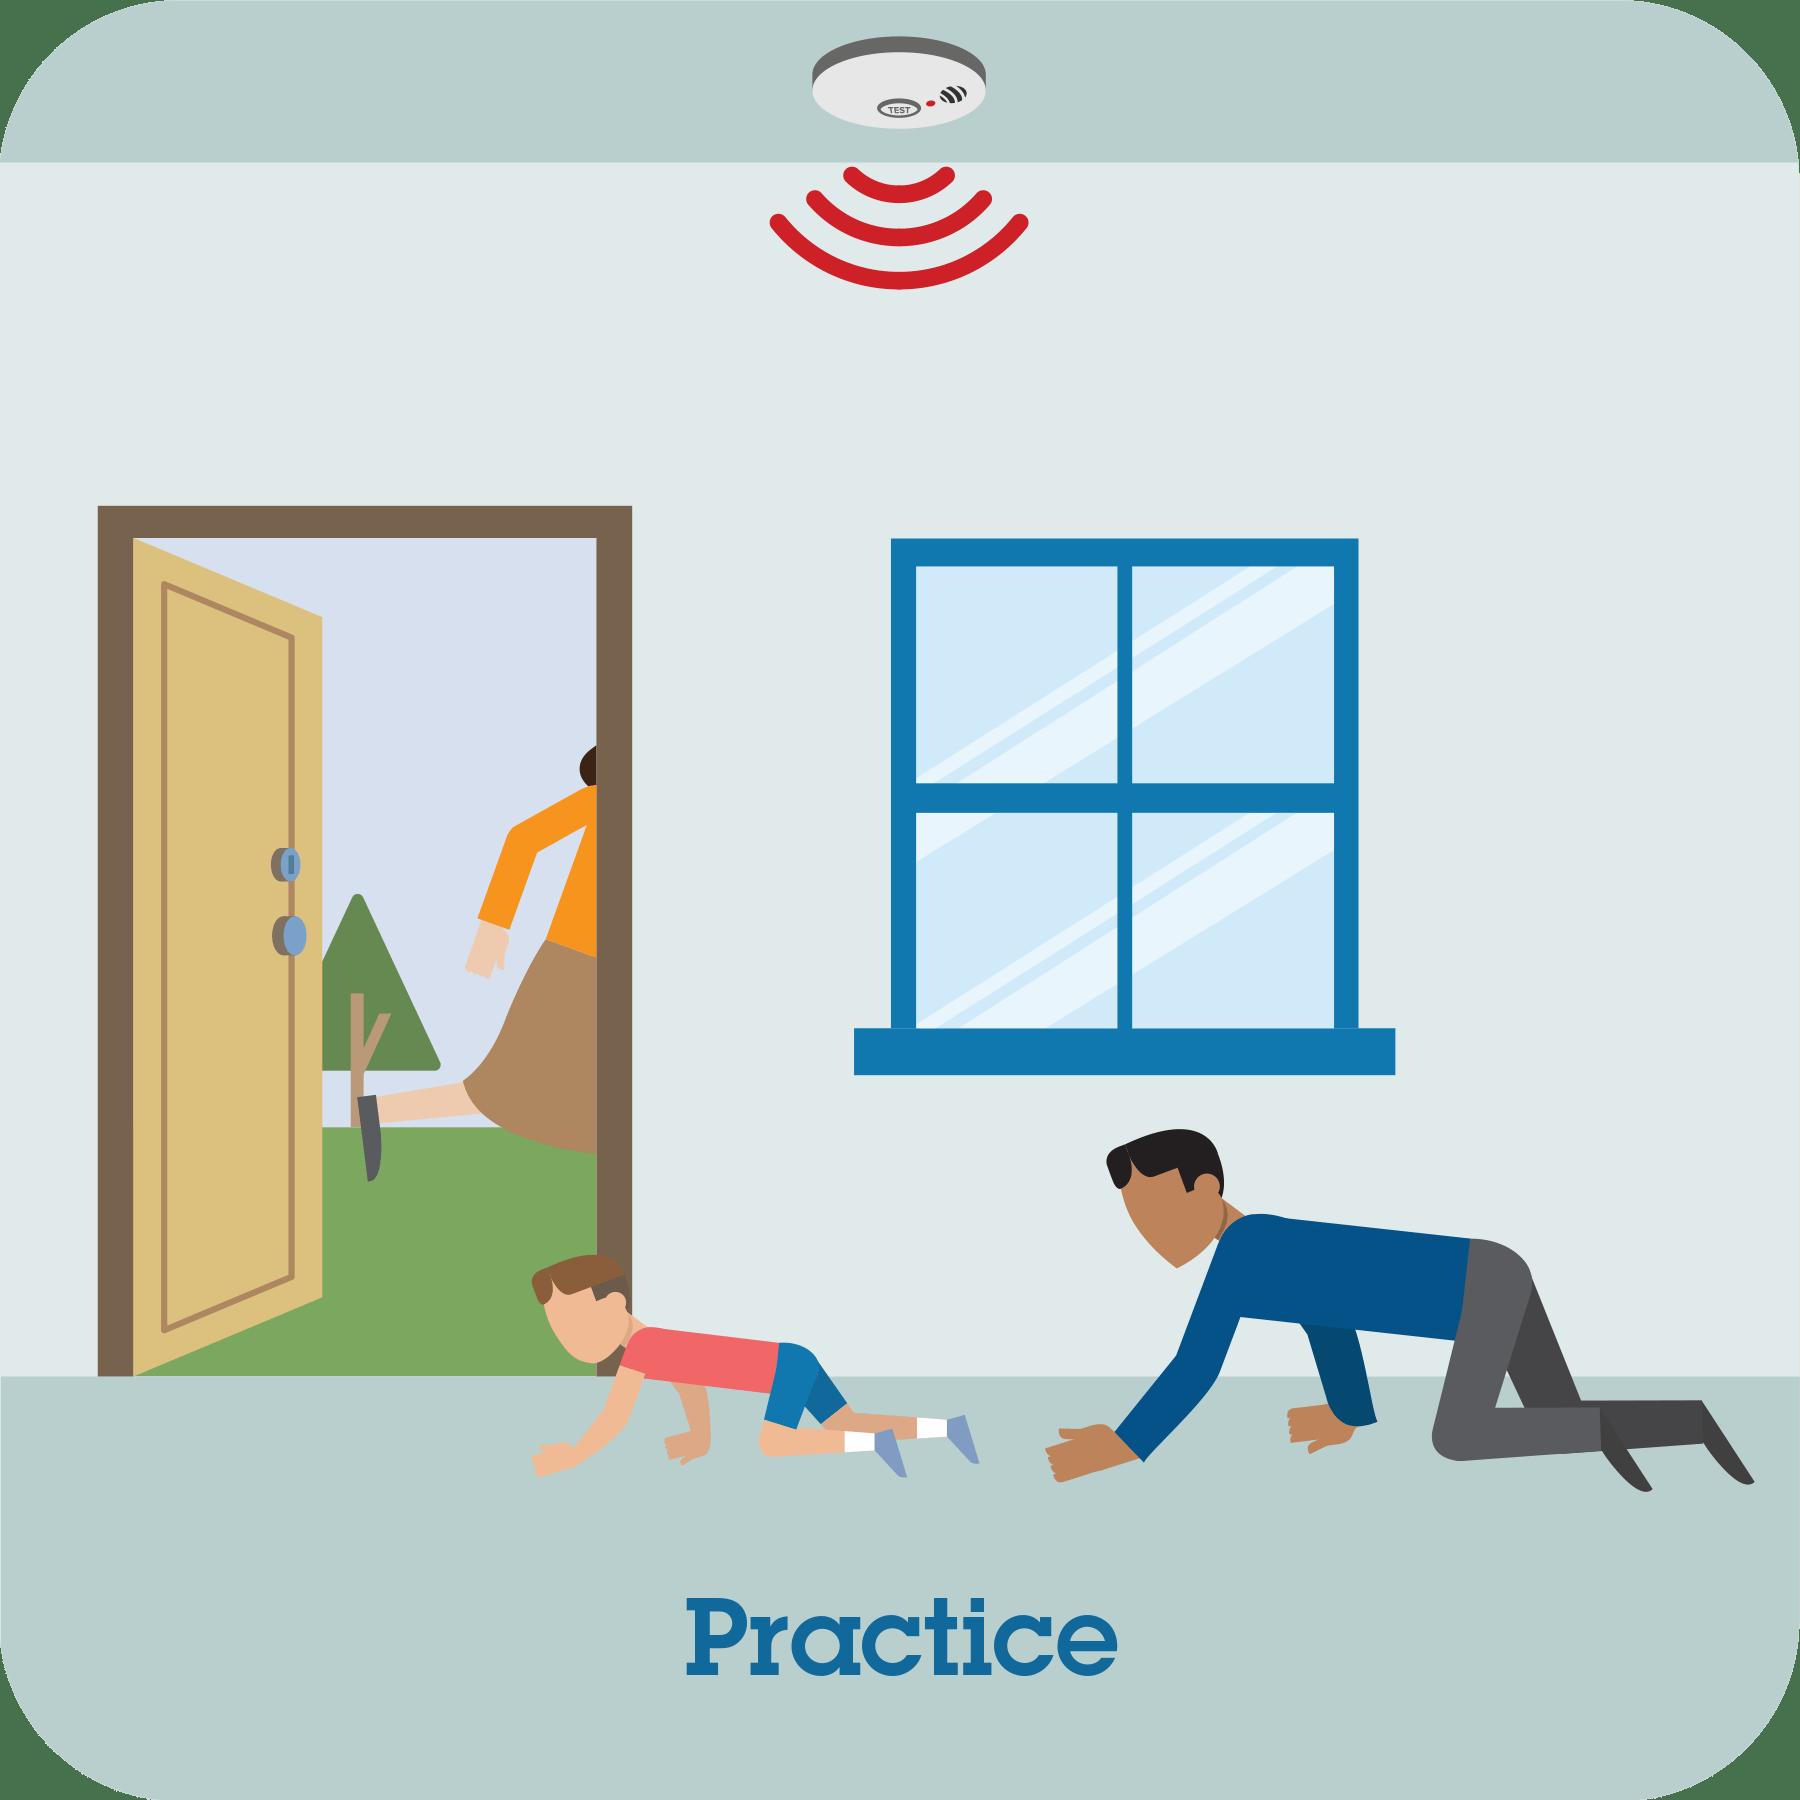 Pictograph Practice Your Home Fire Escape Plan